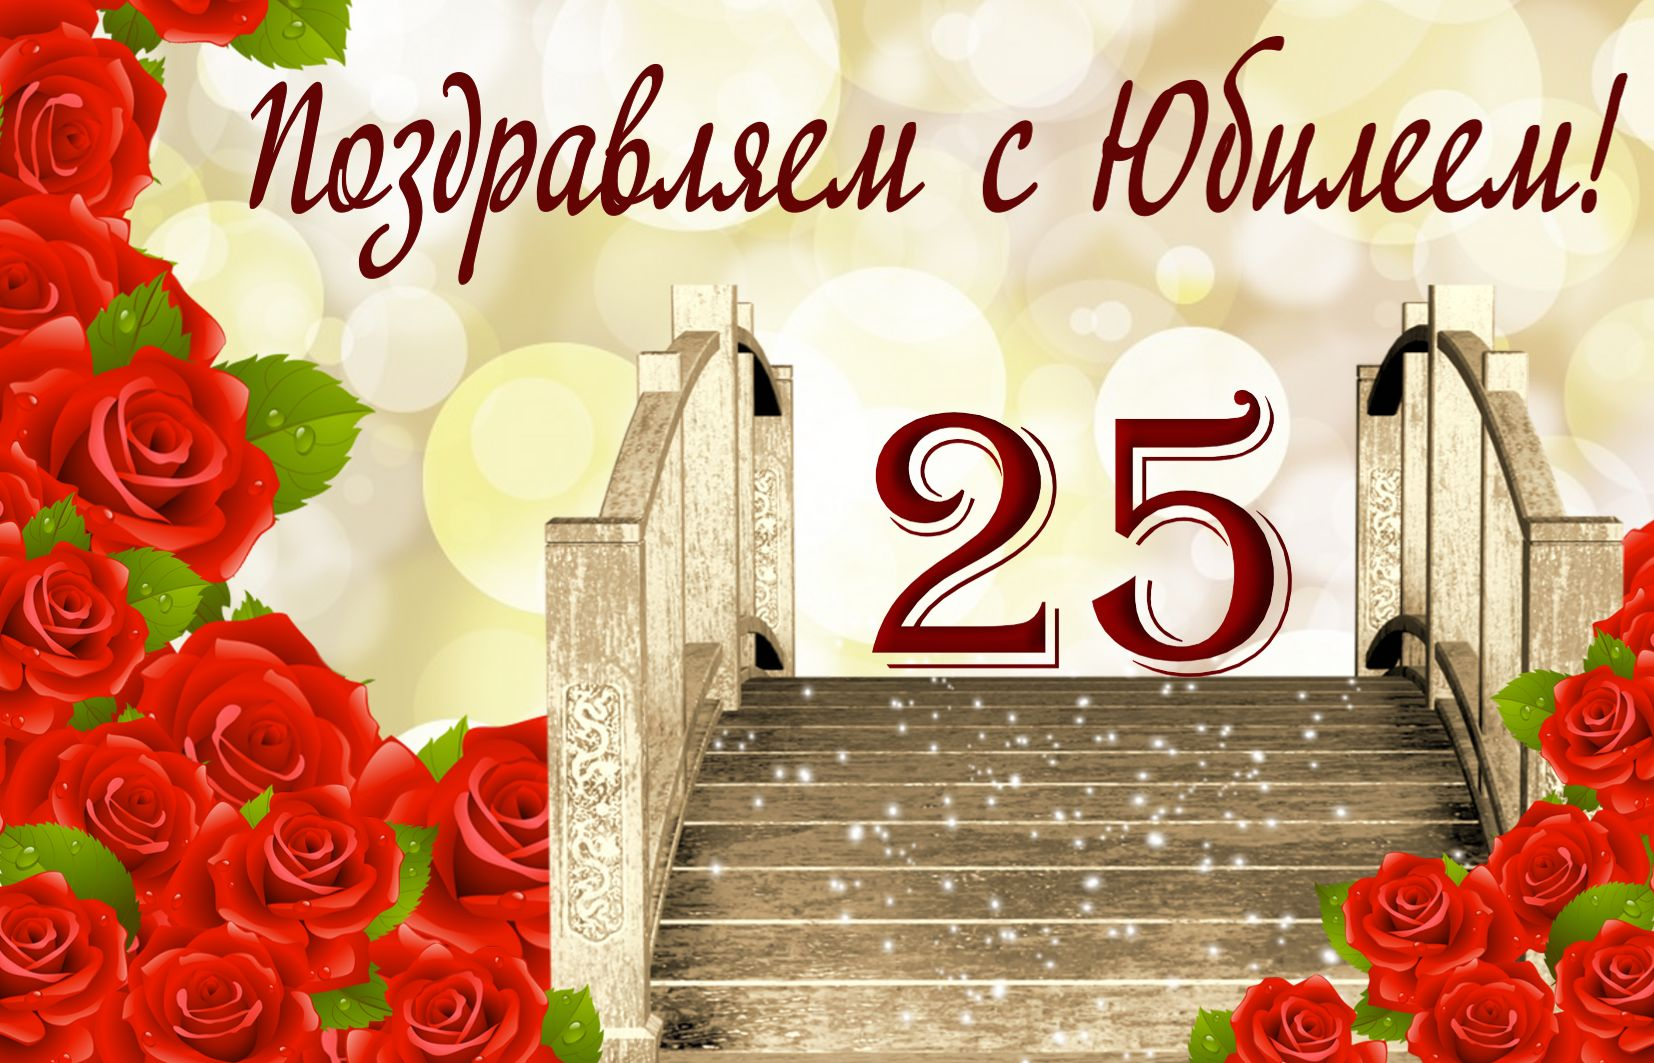 Красивая открытка, картинка с Днём рождения, с юбилеем на 25 лет. Розы, мостик. Поздравление с юбилеем 25 лет с розами. Поздравляем с Юбилеем! 25